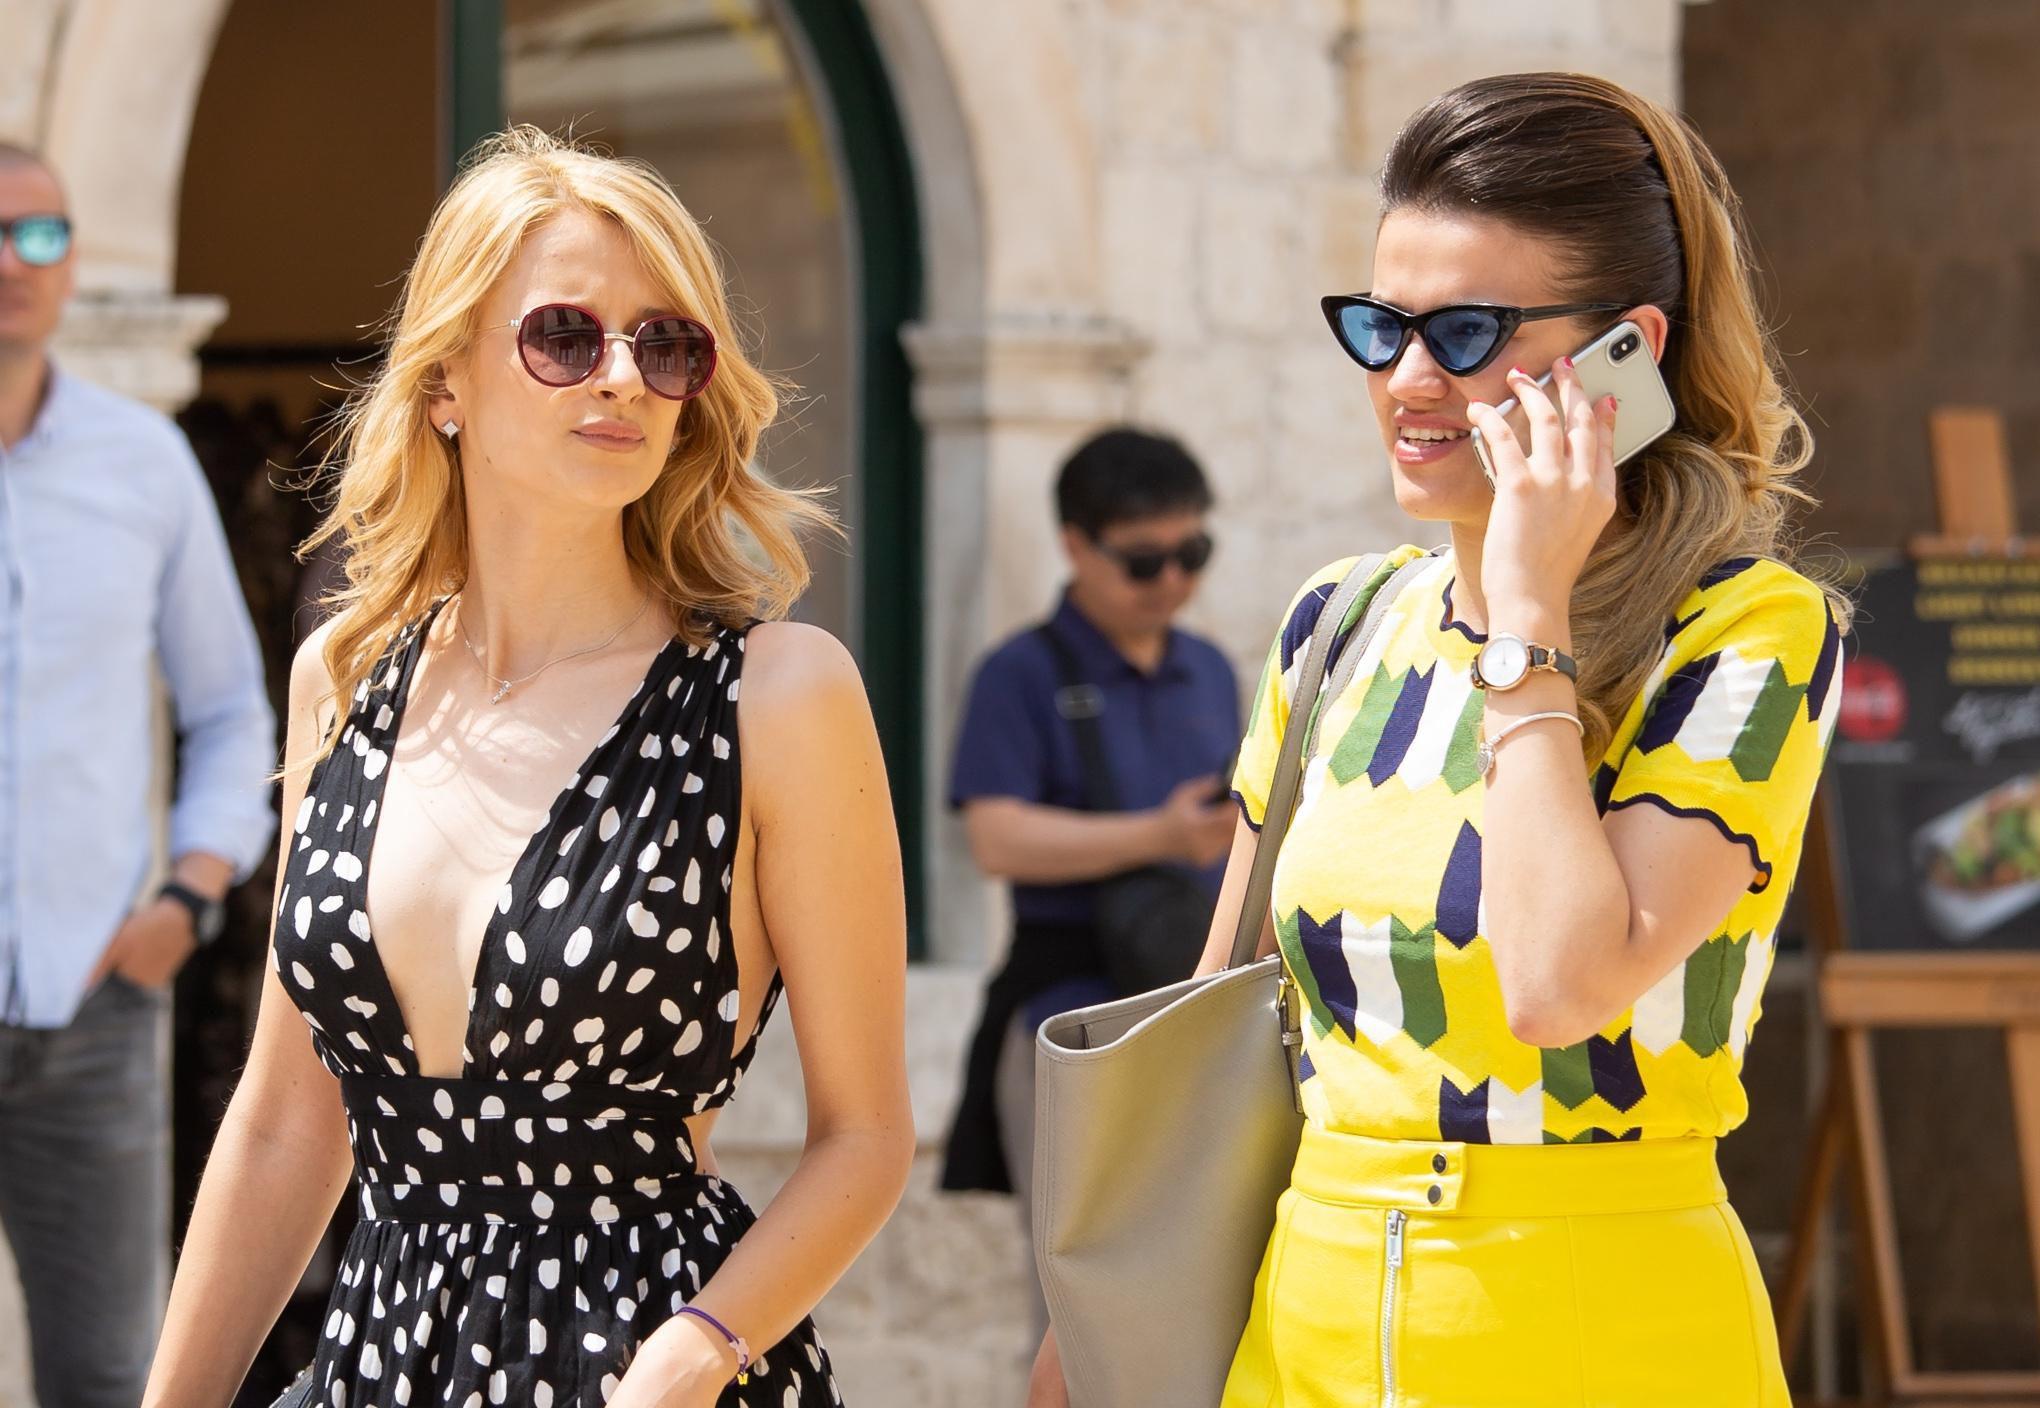 Atraktivne prijateljice svojom su pojavom dodatno razvedrile sunčani Stradun